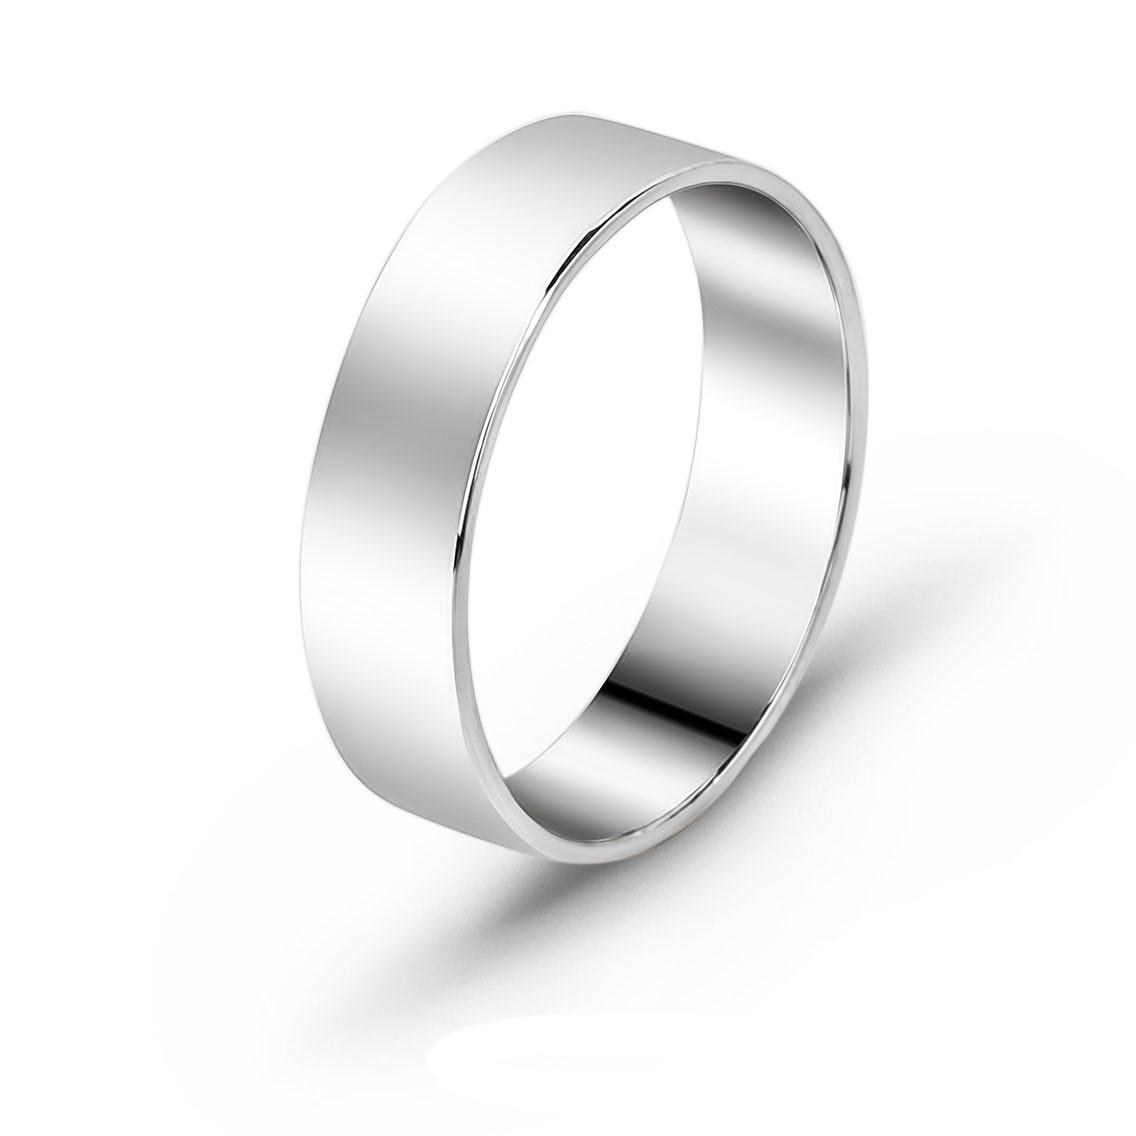 Серебряные обручальные кольца 1.45, 16